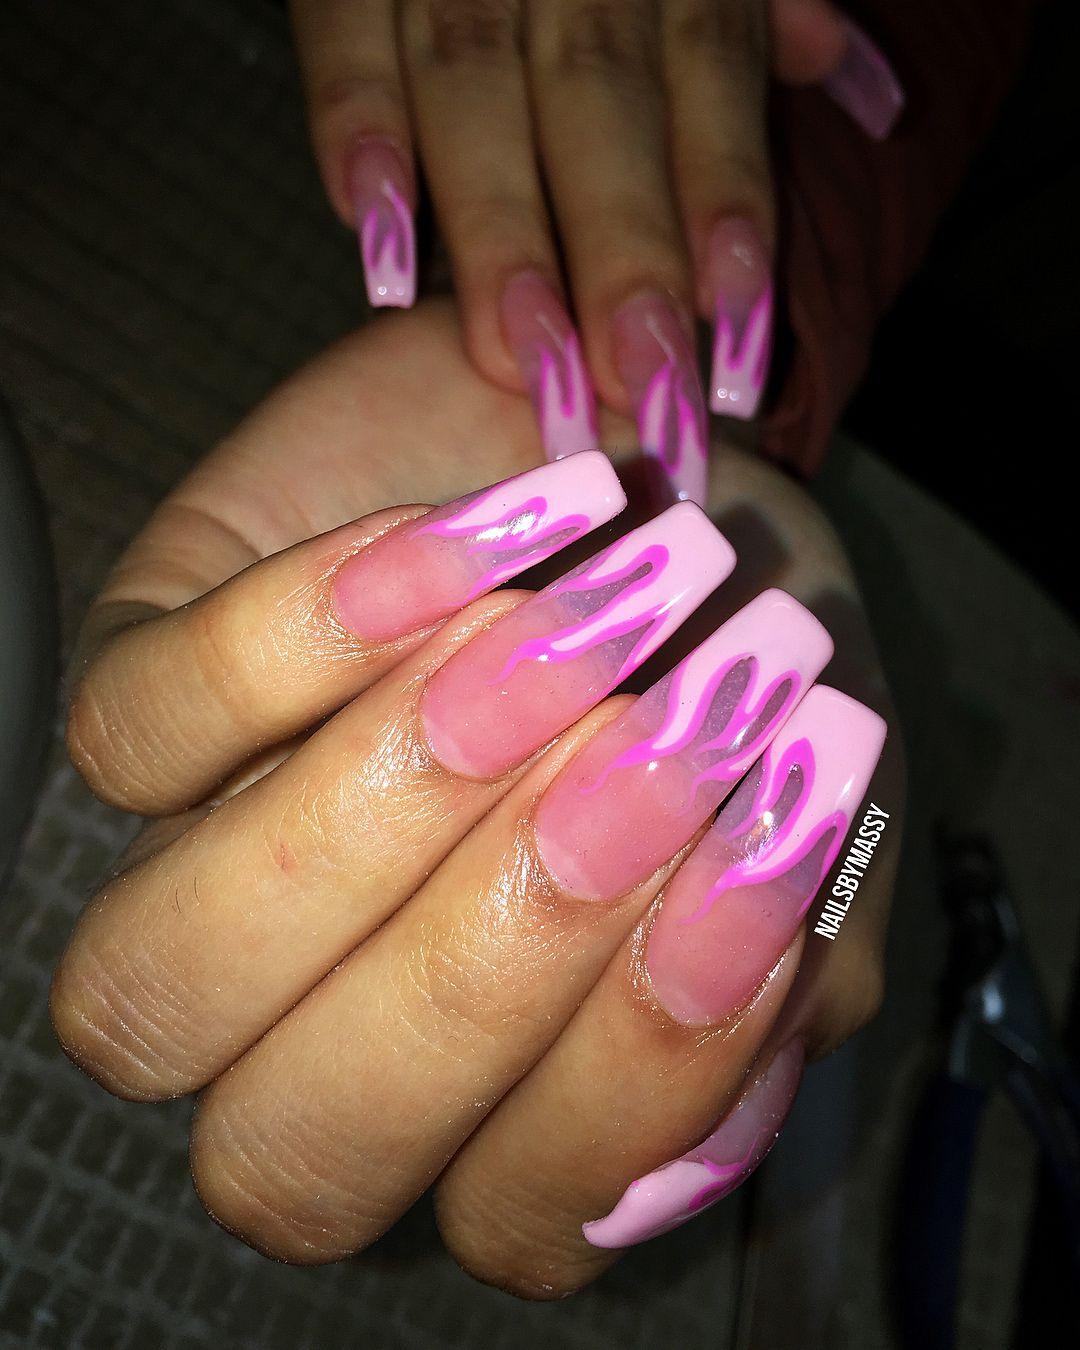 Swipe Pink Flames Nails Njnails Nycnails Thenaillife Hudabeauty Nailsbymassy Nails Nyc Nails Self Nail